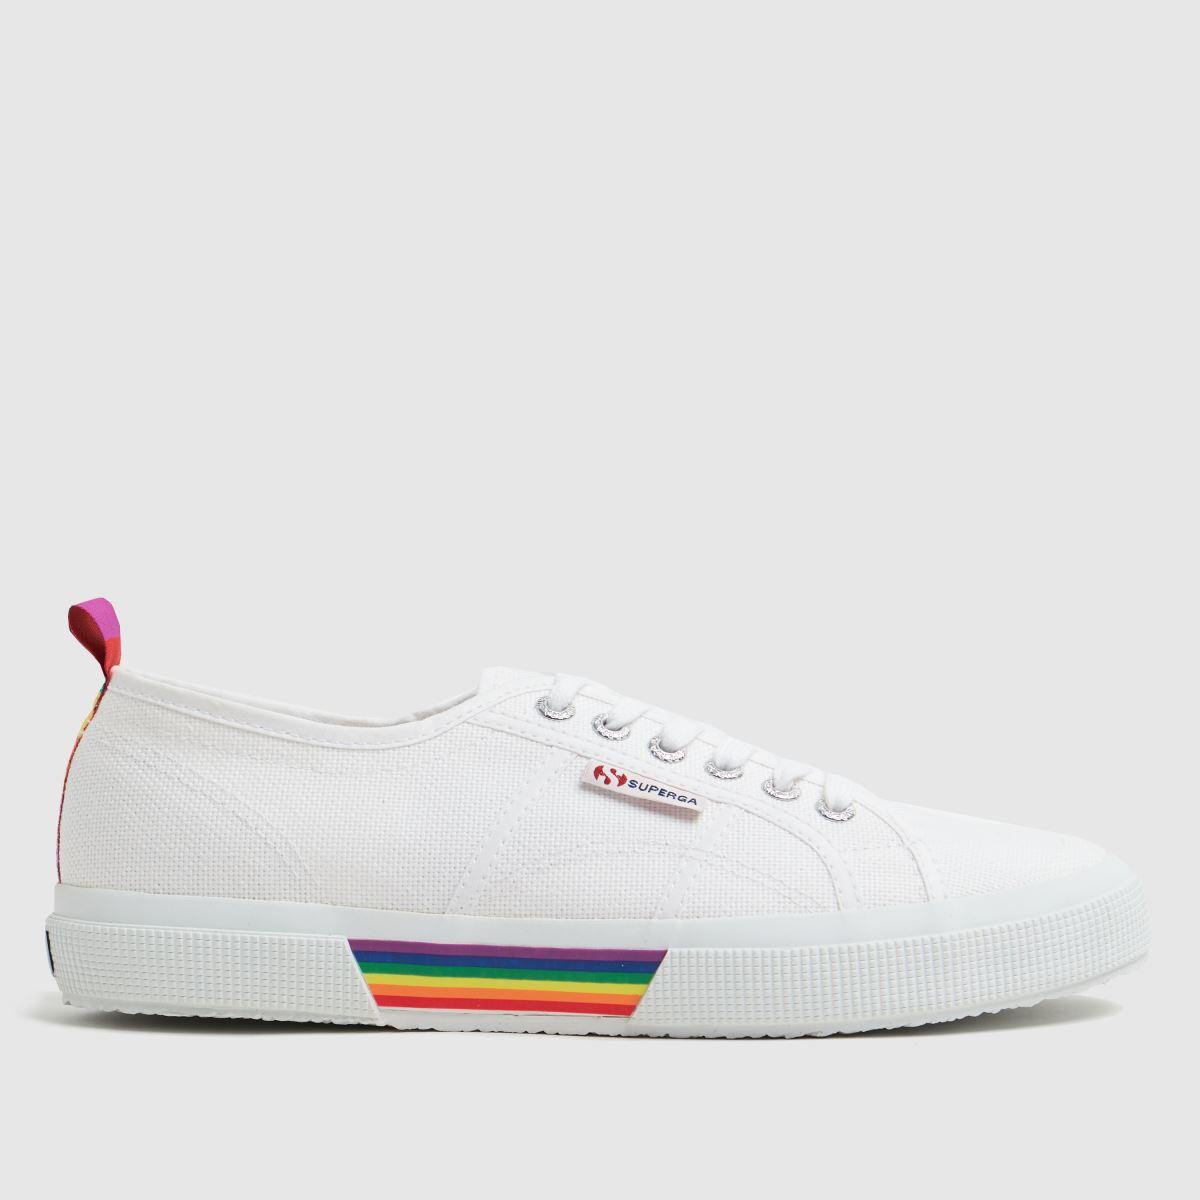 Superga White 2750 Pride Backstrap Trainers